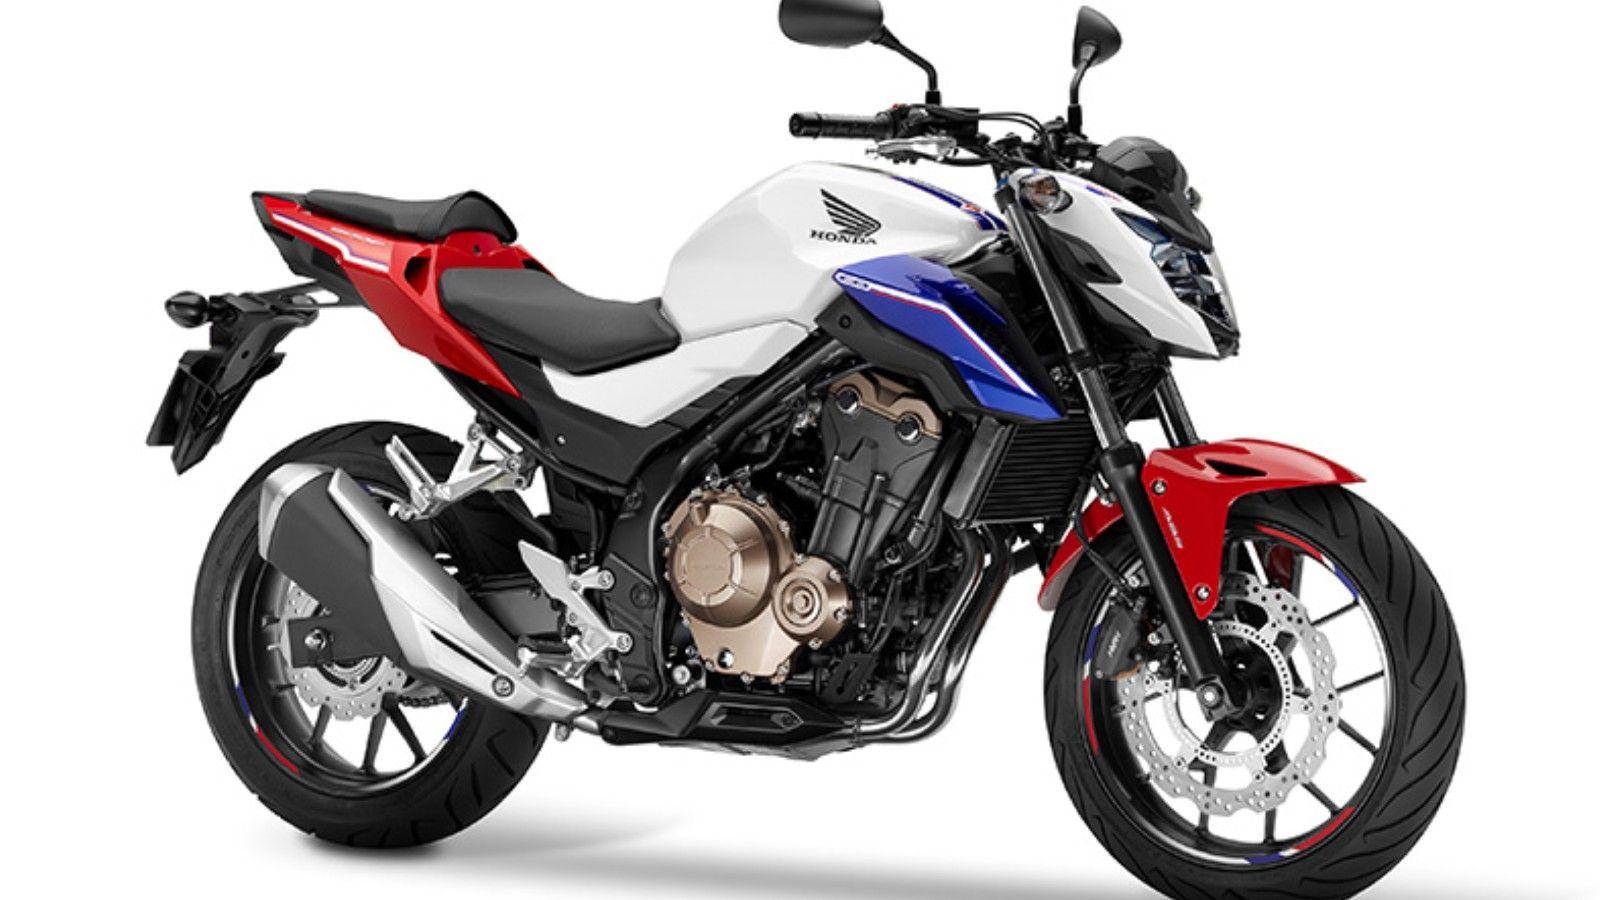 4 ??????? naked Honda CB500F ??? Duke 690 Suzuki SV650